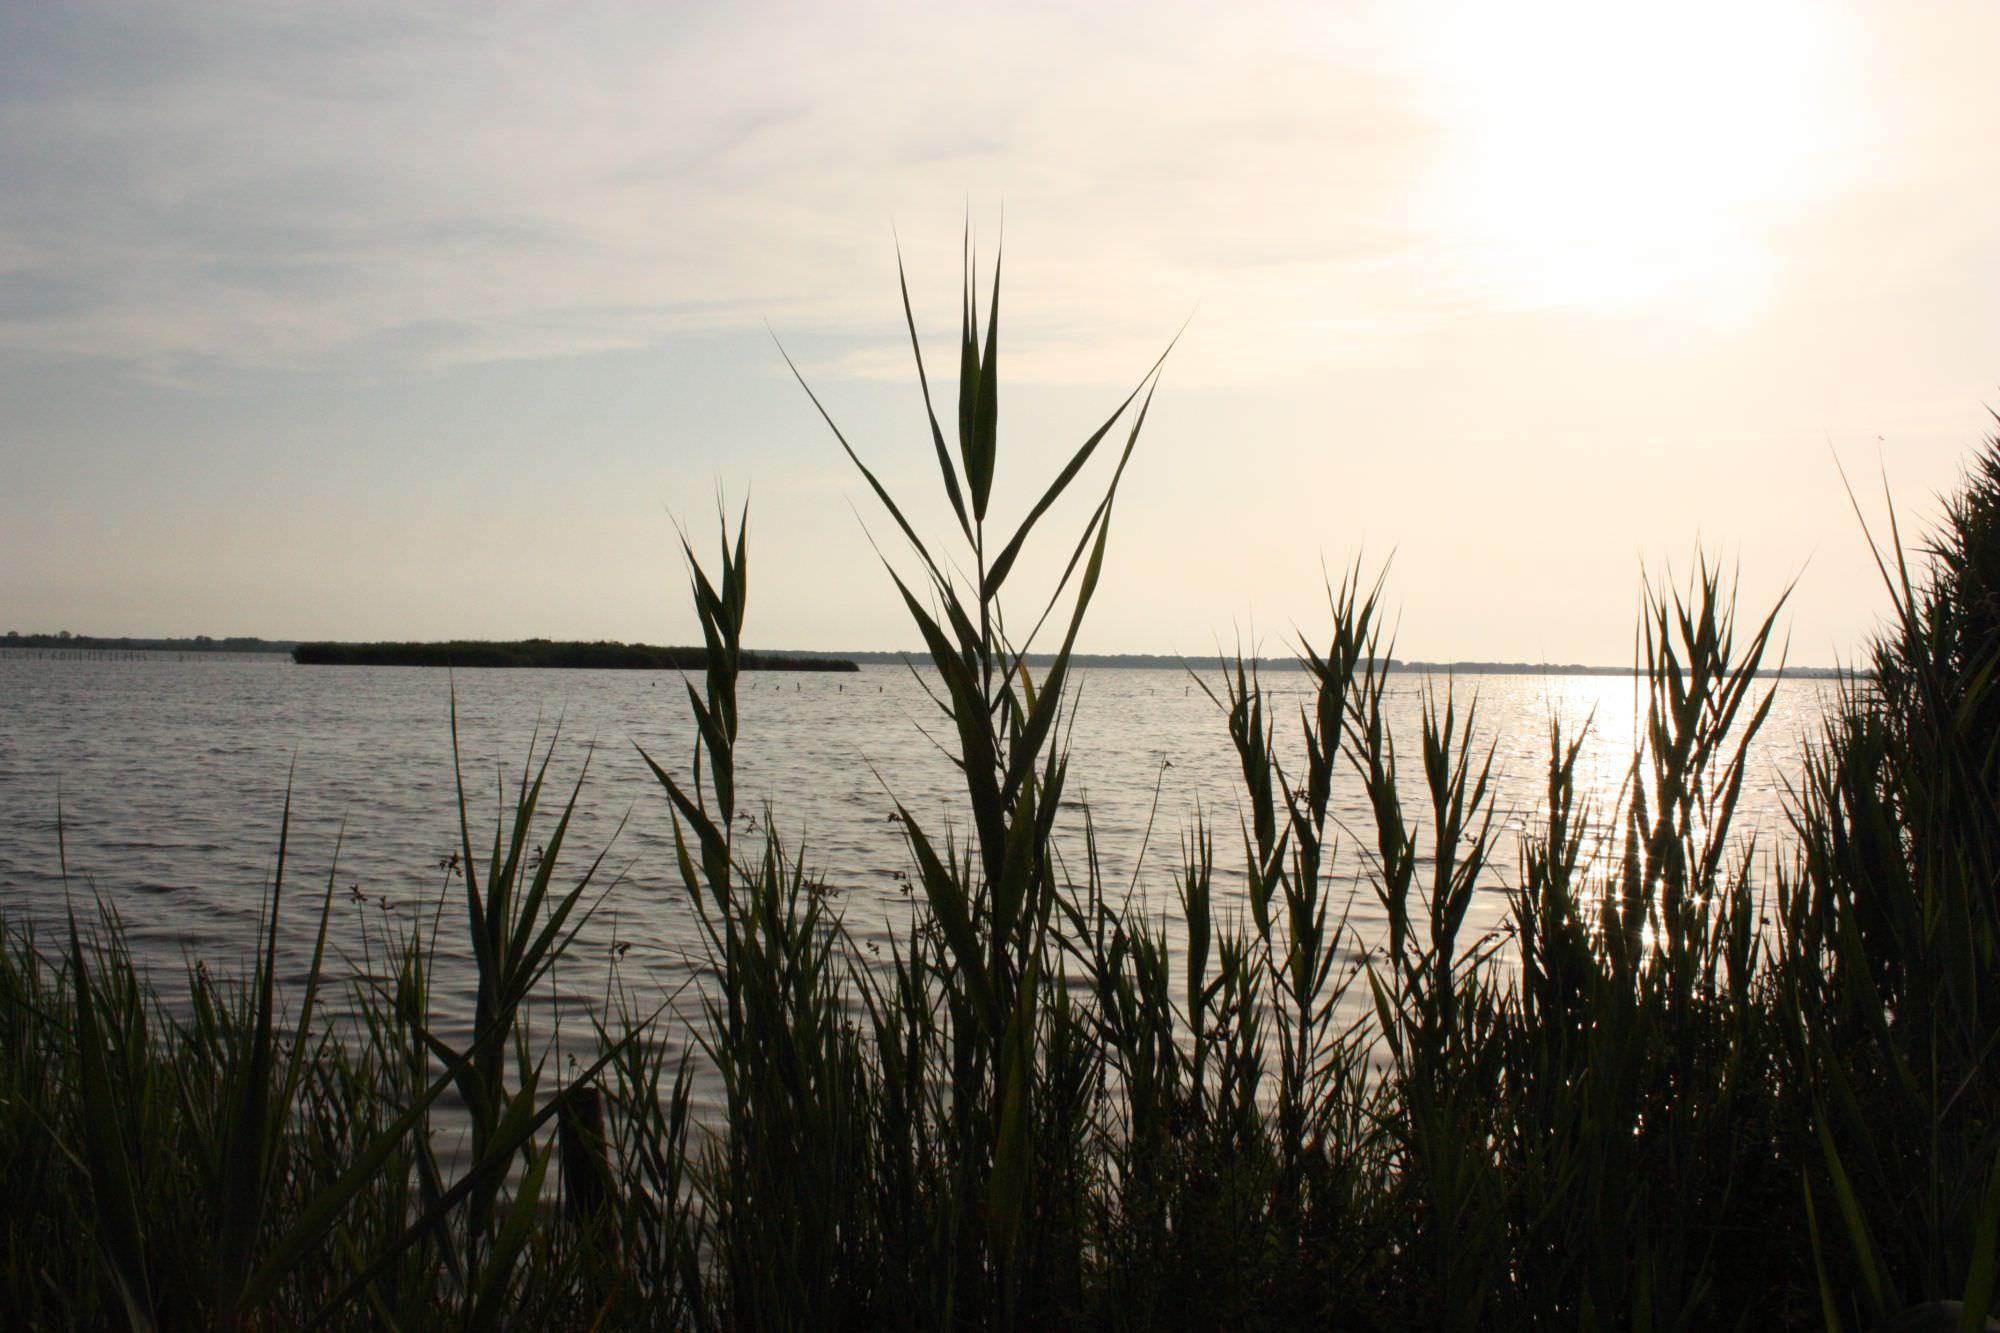 Il lago preoccupa: +36 centrimetri sopra il livello del mare